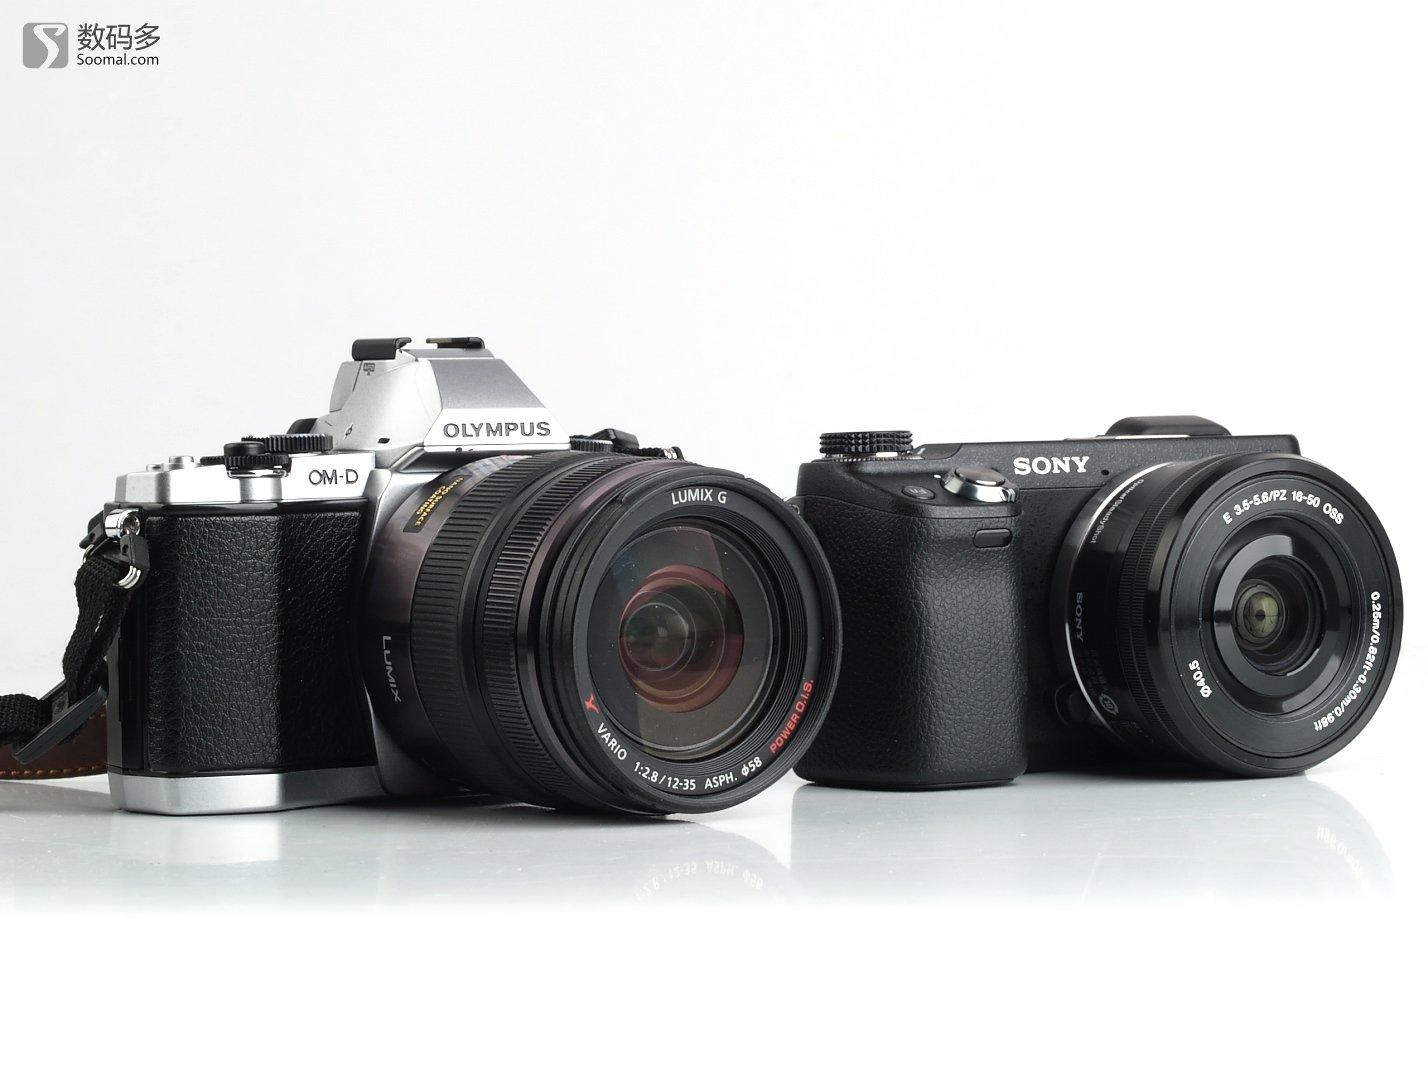 sony 索尼 nex-6 微型可换镜头数码相机-与奥林巴斯e-m5大小对比